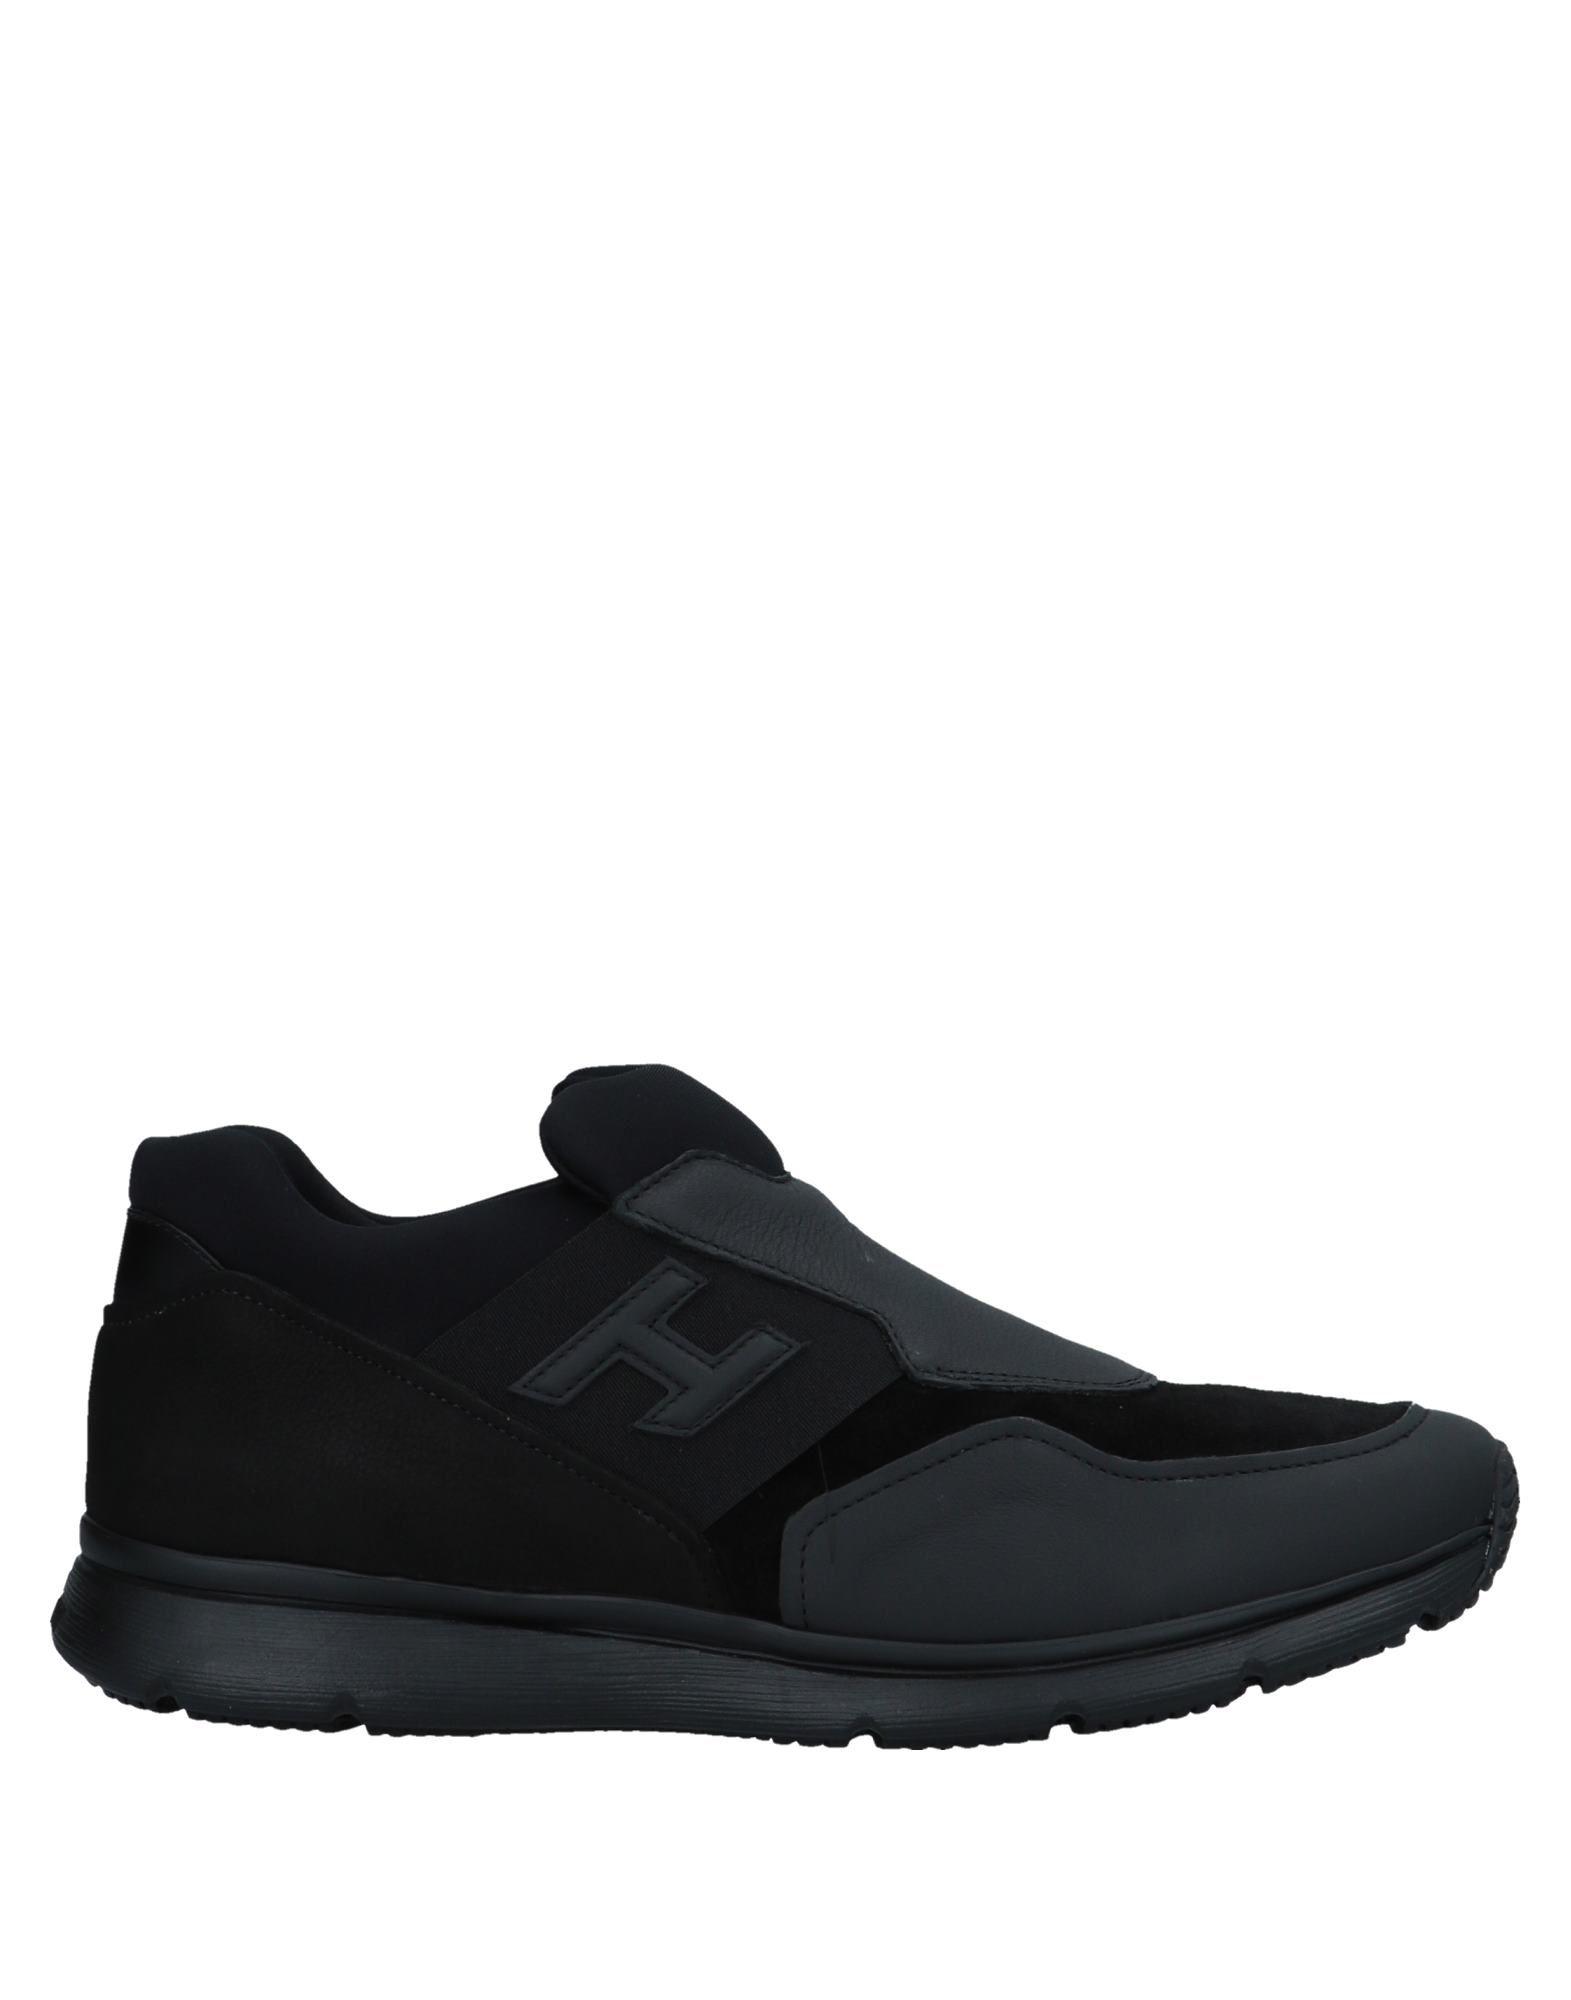 Hogan Sneakers United - Men Hogan Sneakers online on  United Sneakers Kingdom - 11540693QF 11a200